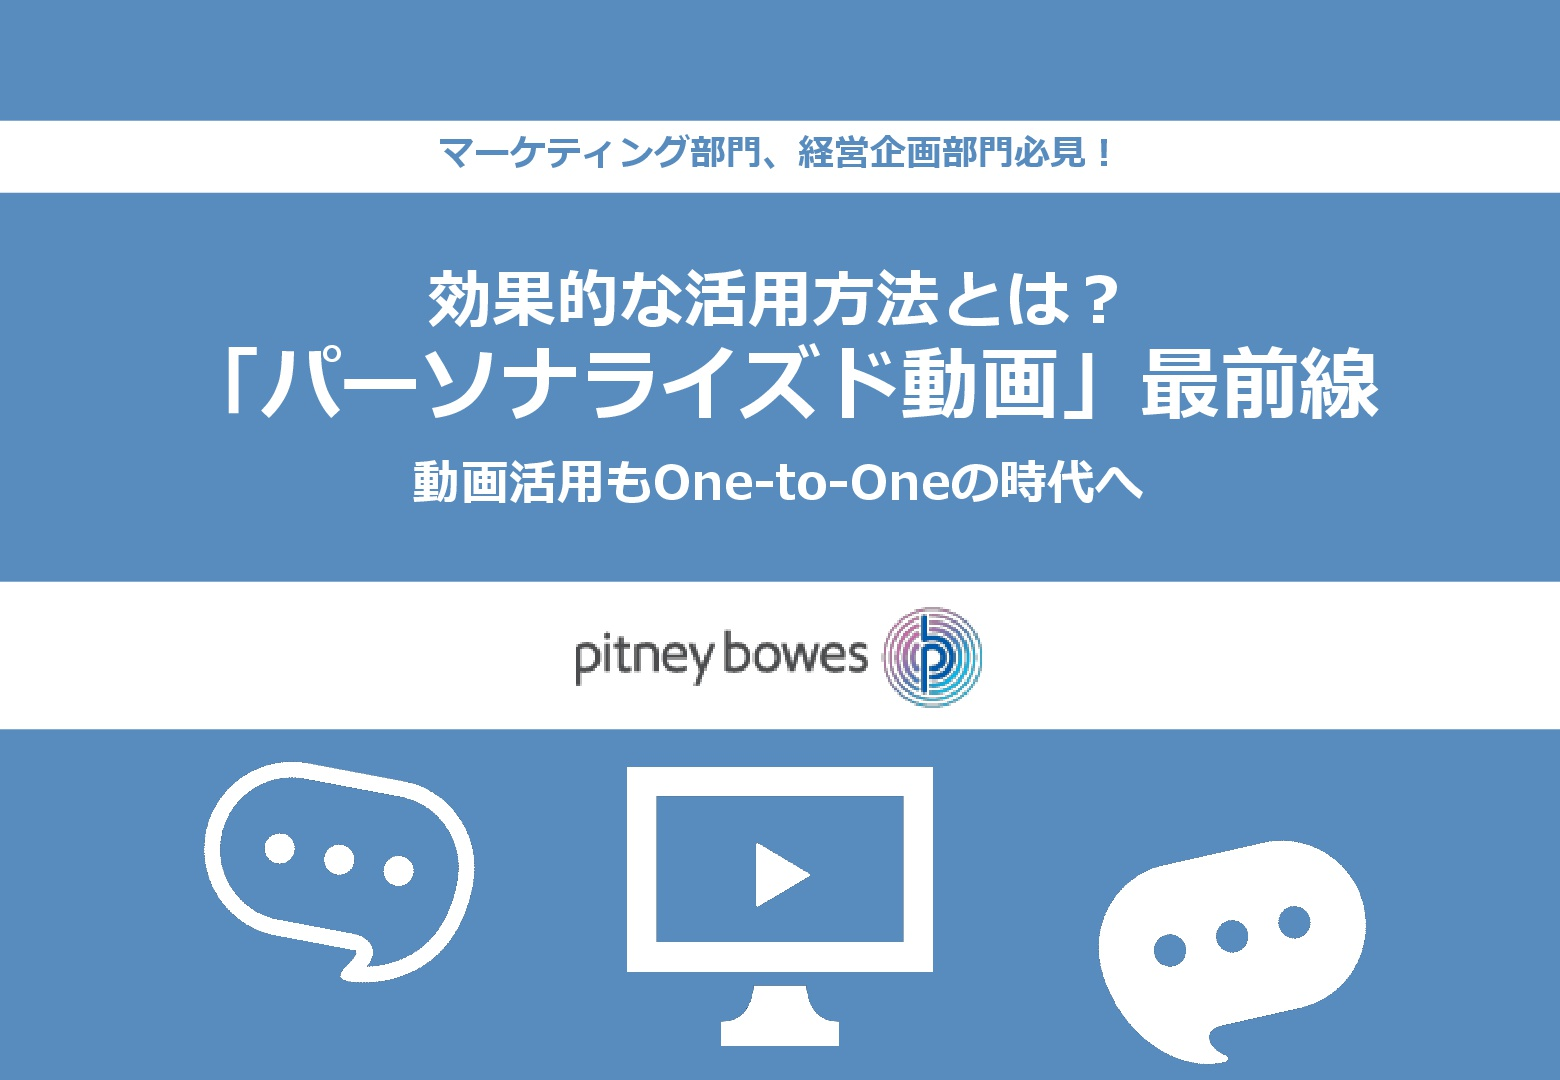 ピツニーボウズジャパン株式会社